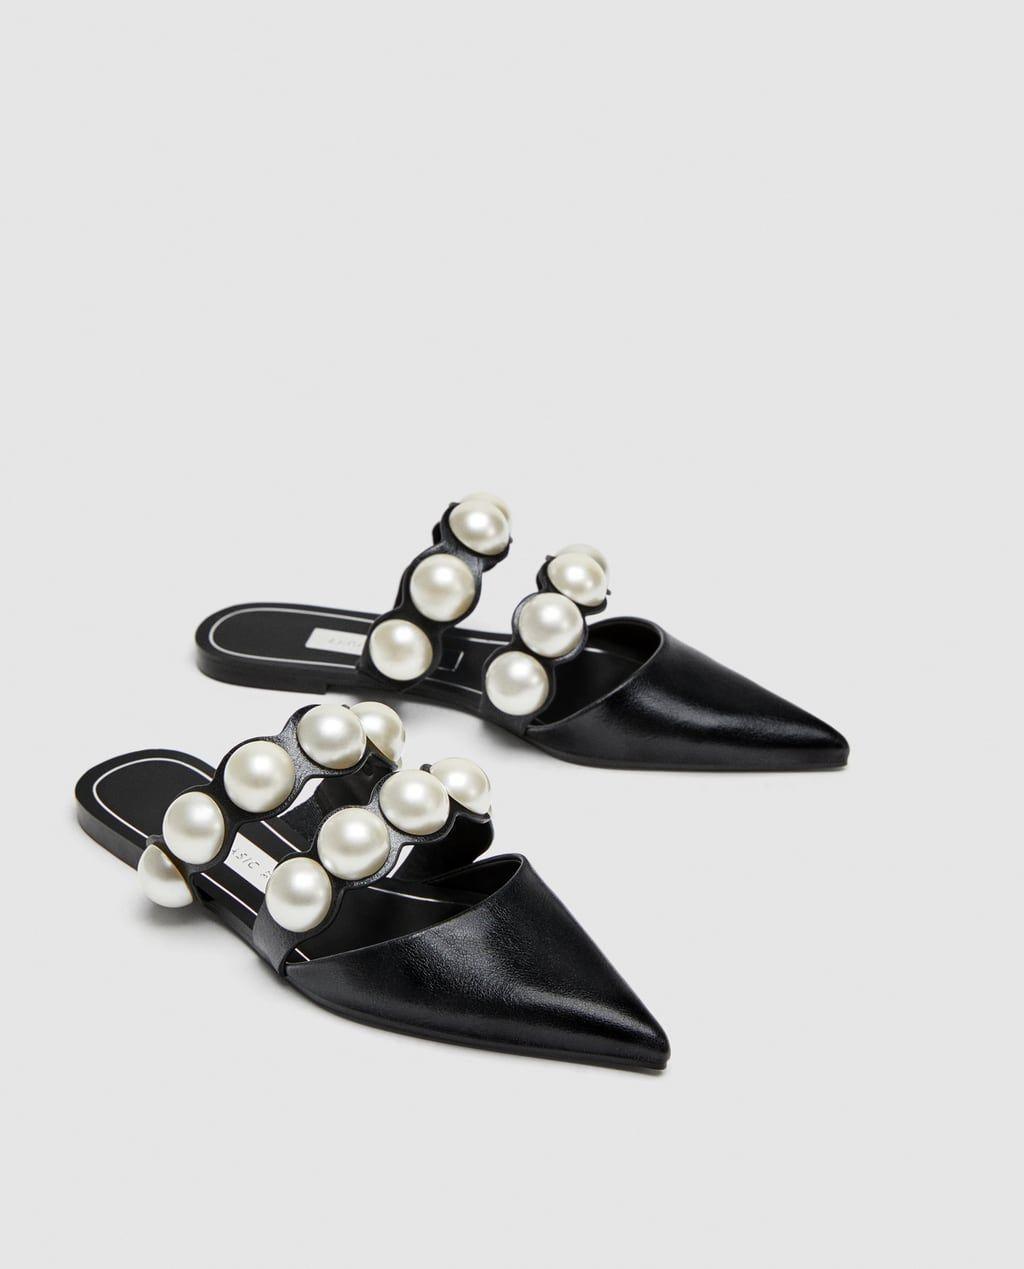 574e0a9a7b2 SAPATO RASO MULES COM PÉROLAS-Sapatos rasos-SAPATOS-MULHER